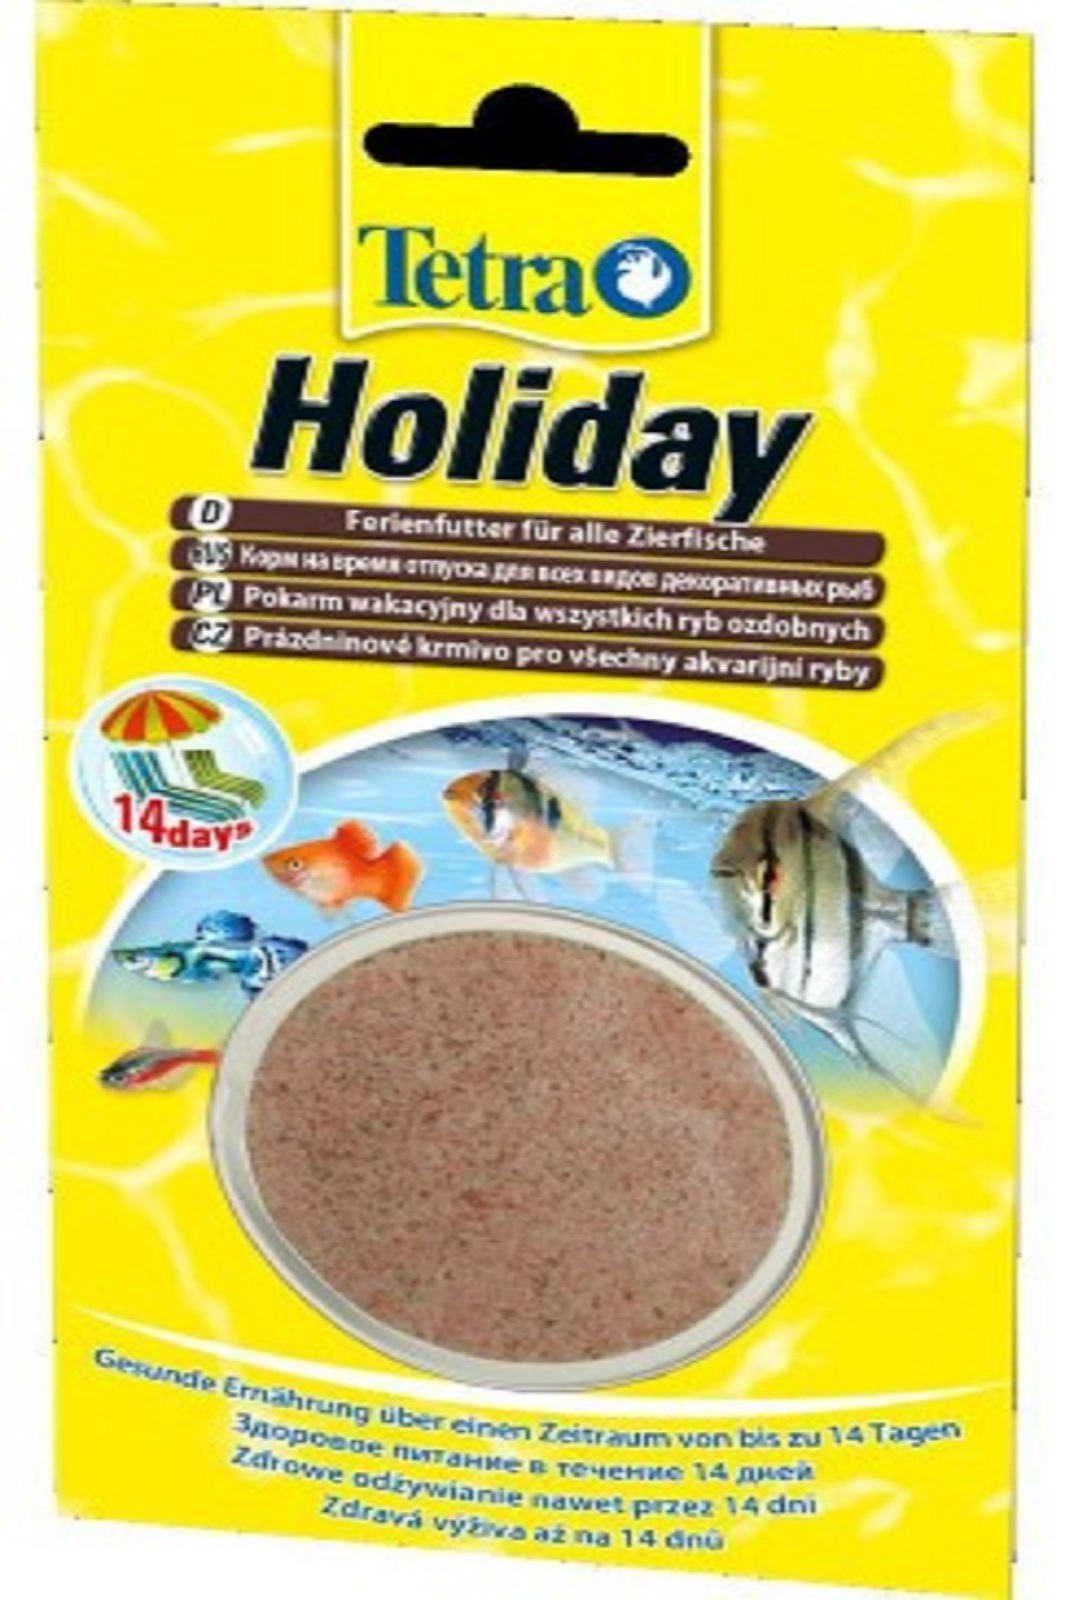 Tetra Holiday Fischfutter Futterblock 30 g  für Zierfische bis 14 Tage